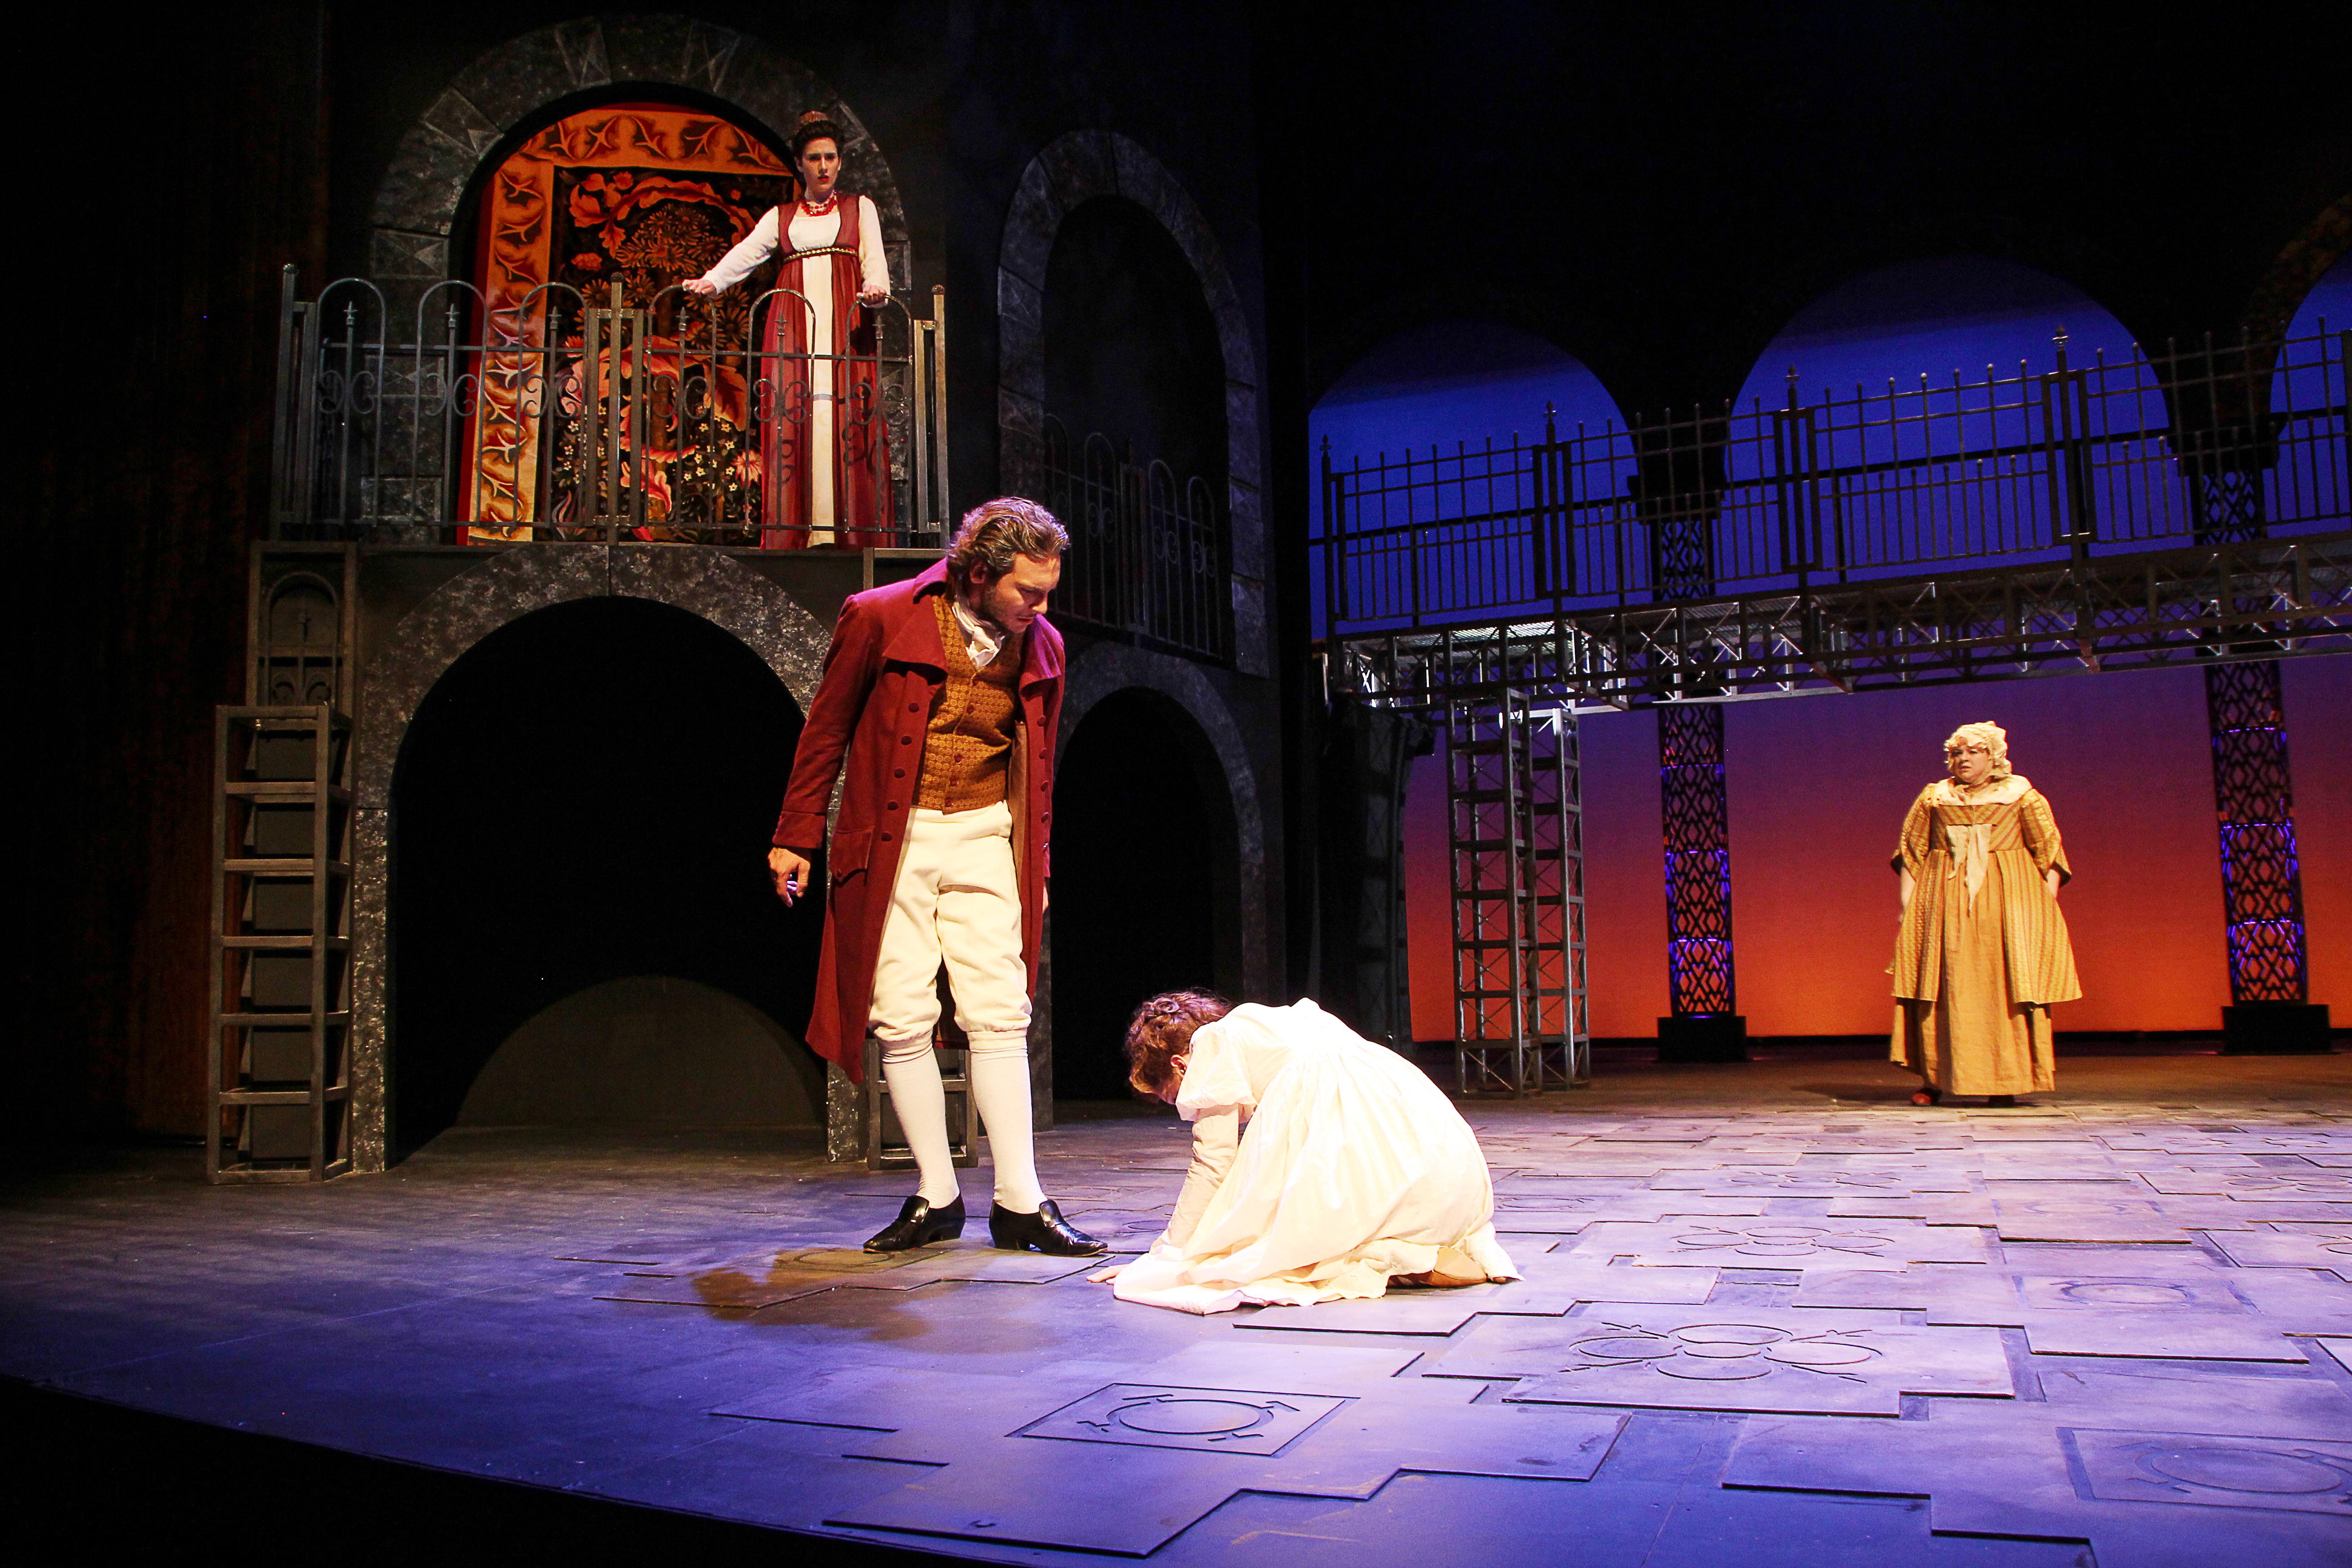 Romeo & Juliet - Capulet